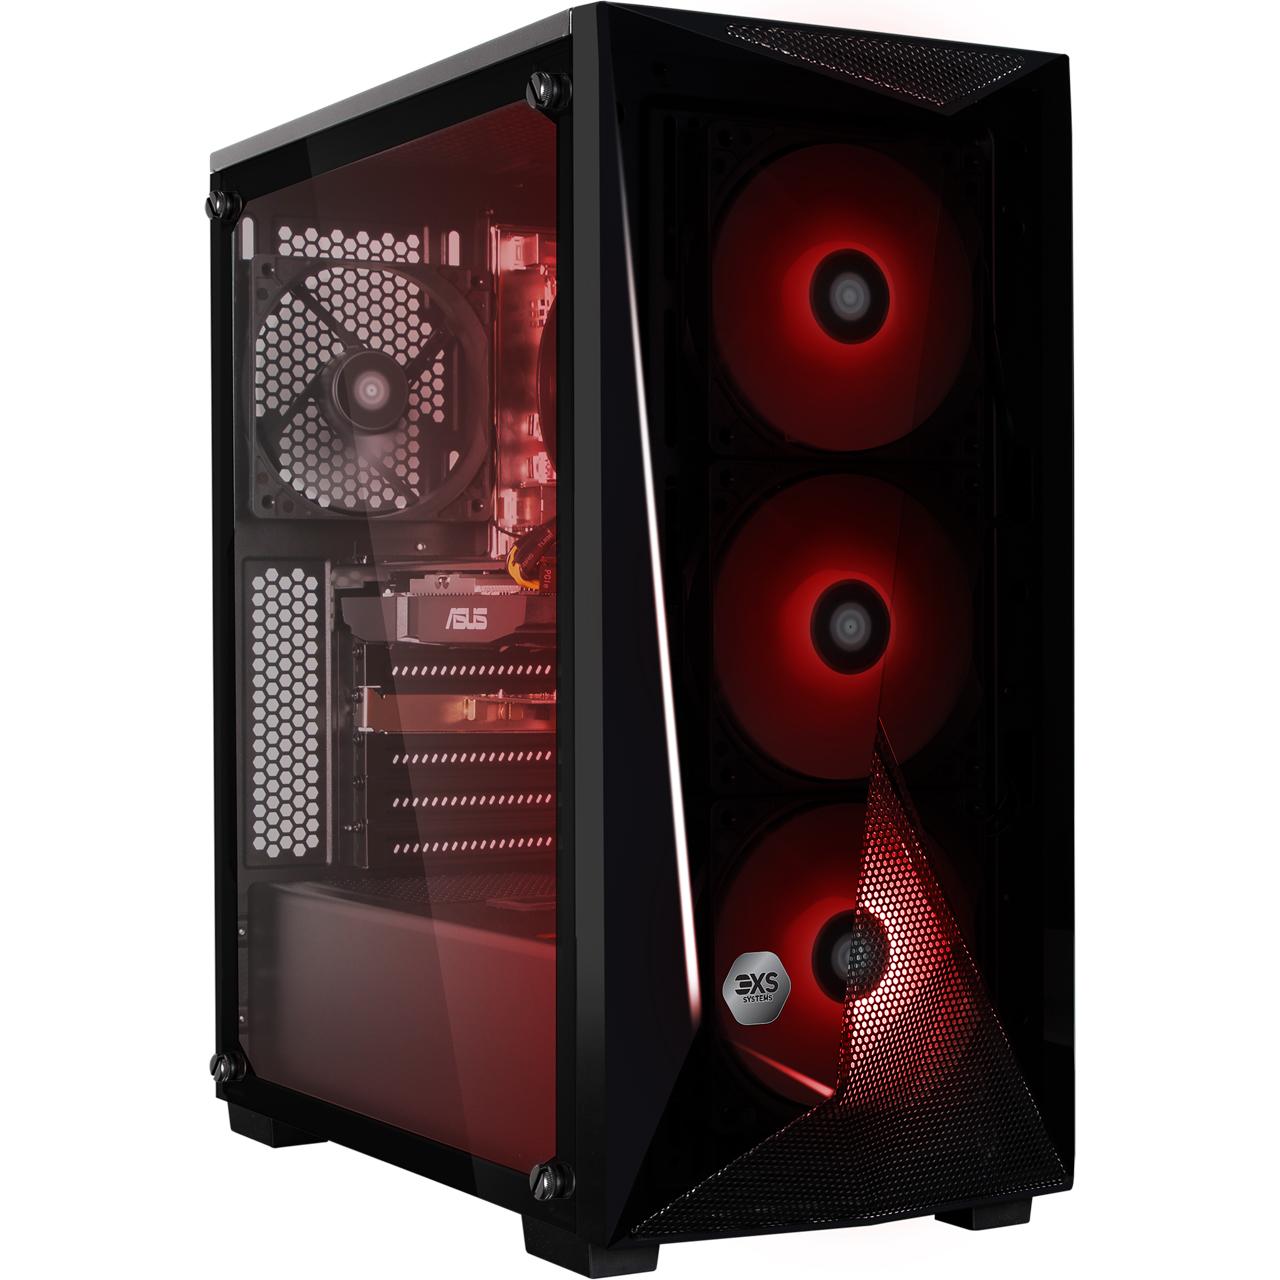 3XS Core Gamer 580 RGB Gaming Tower - Black